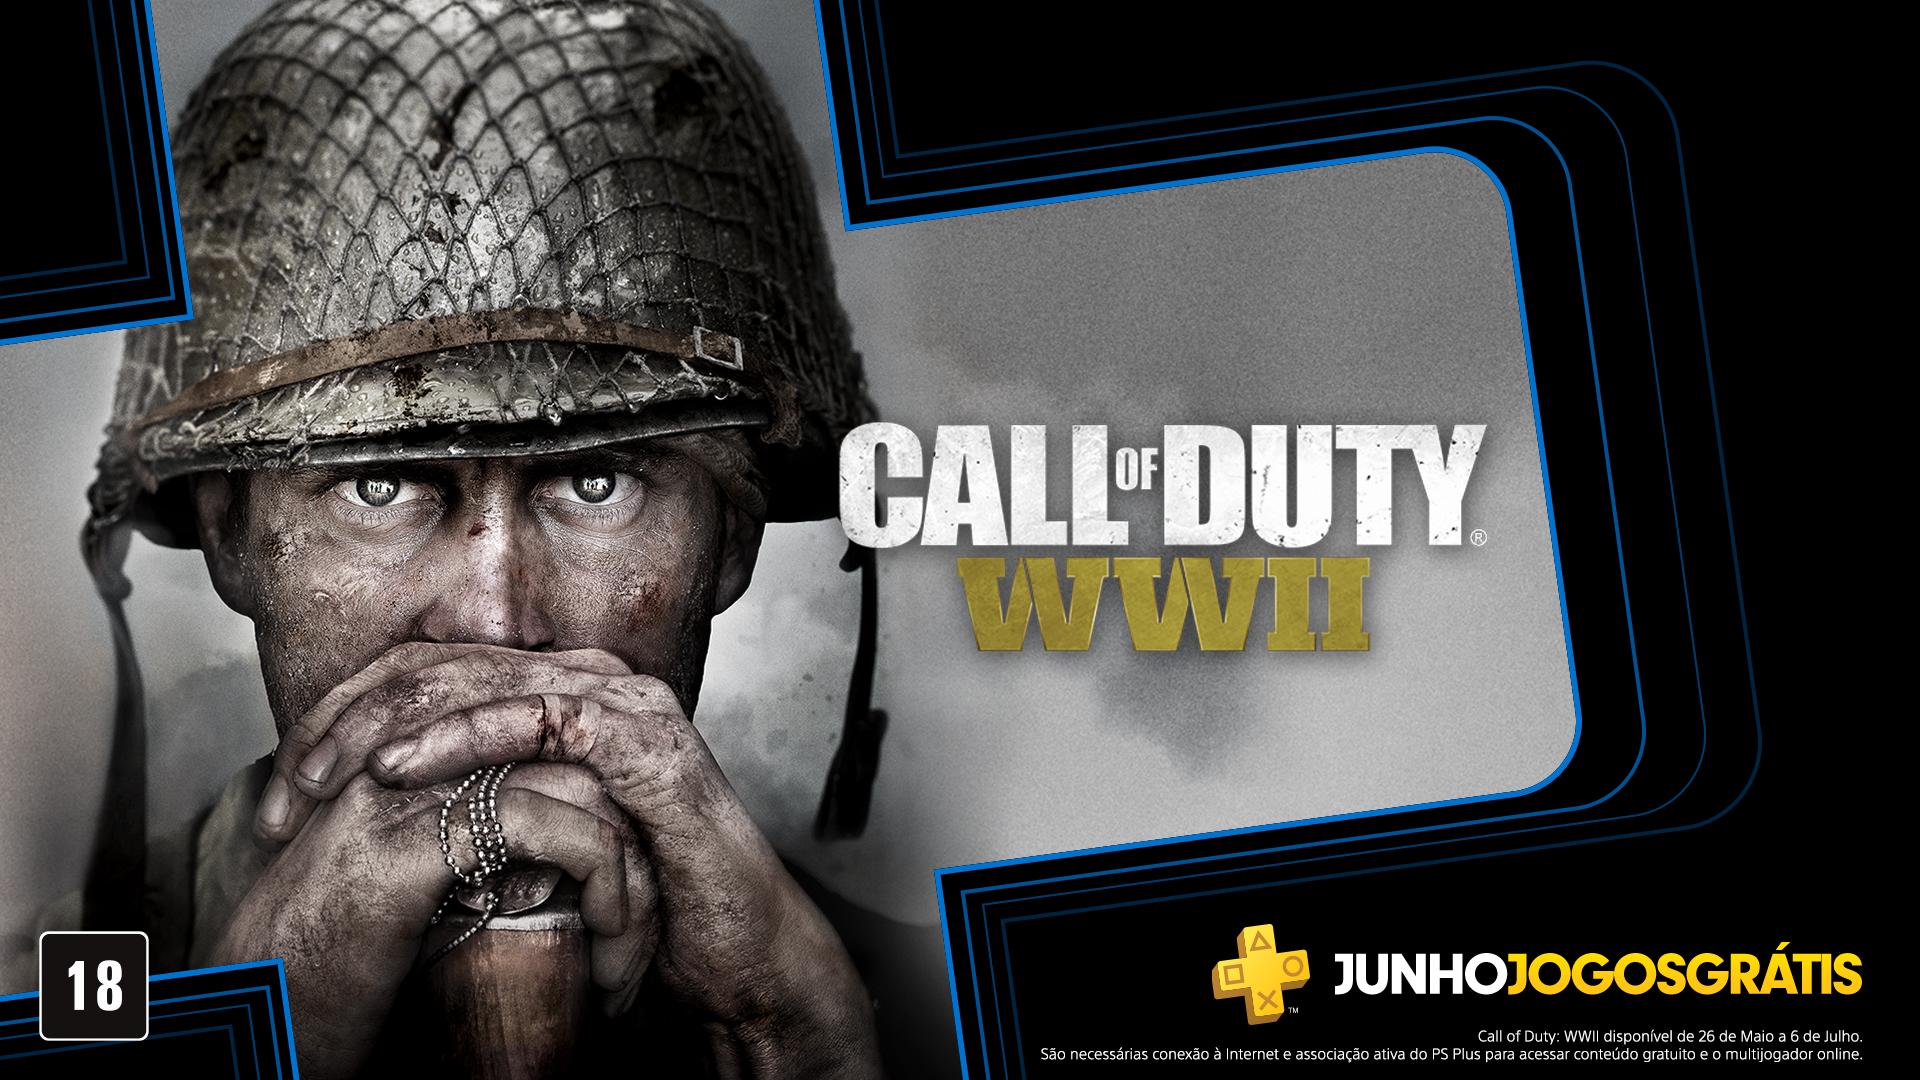 Jogos: PS Plus de junho terá Call of Duty: WWII